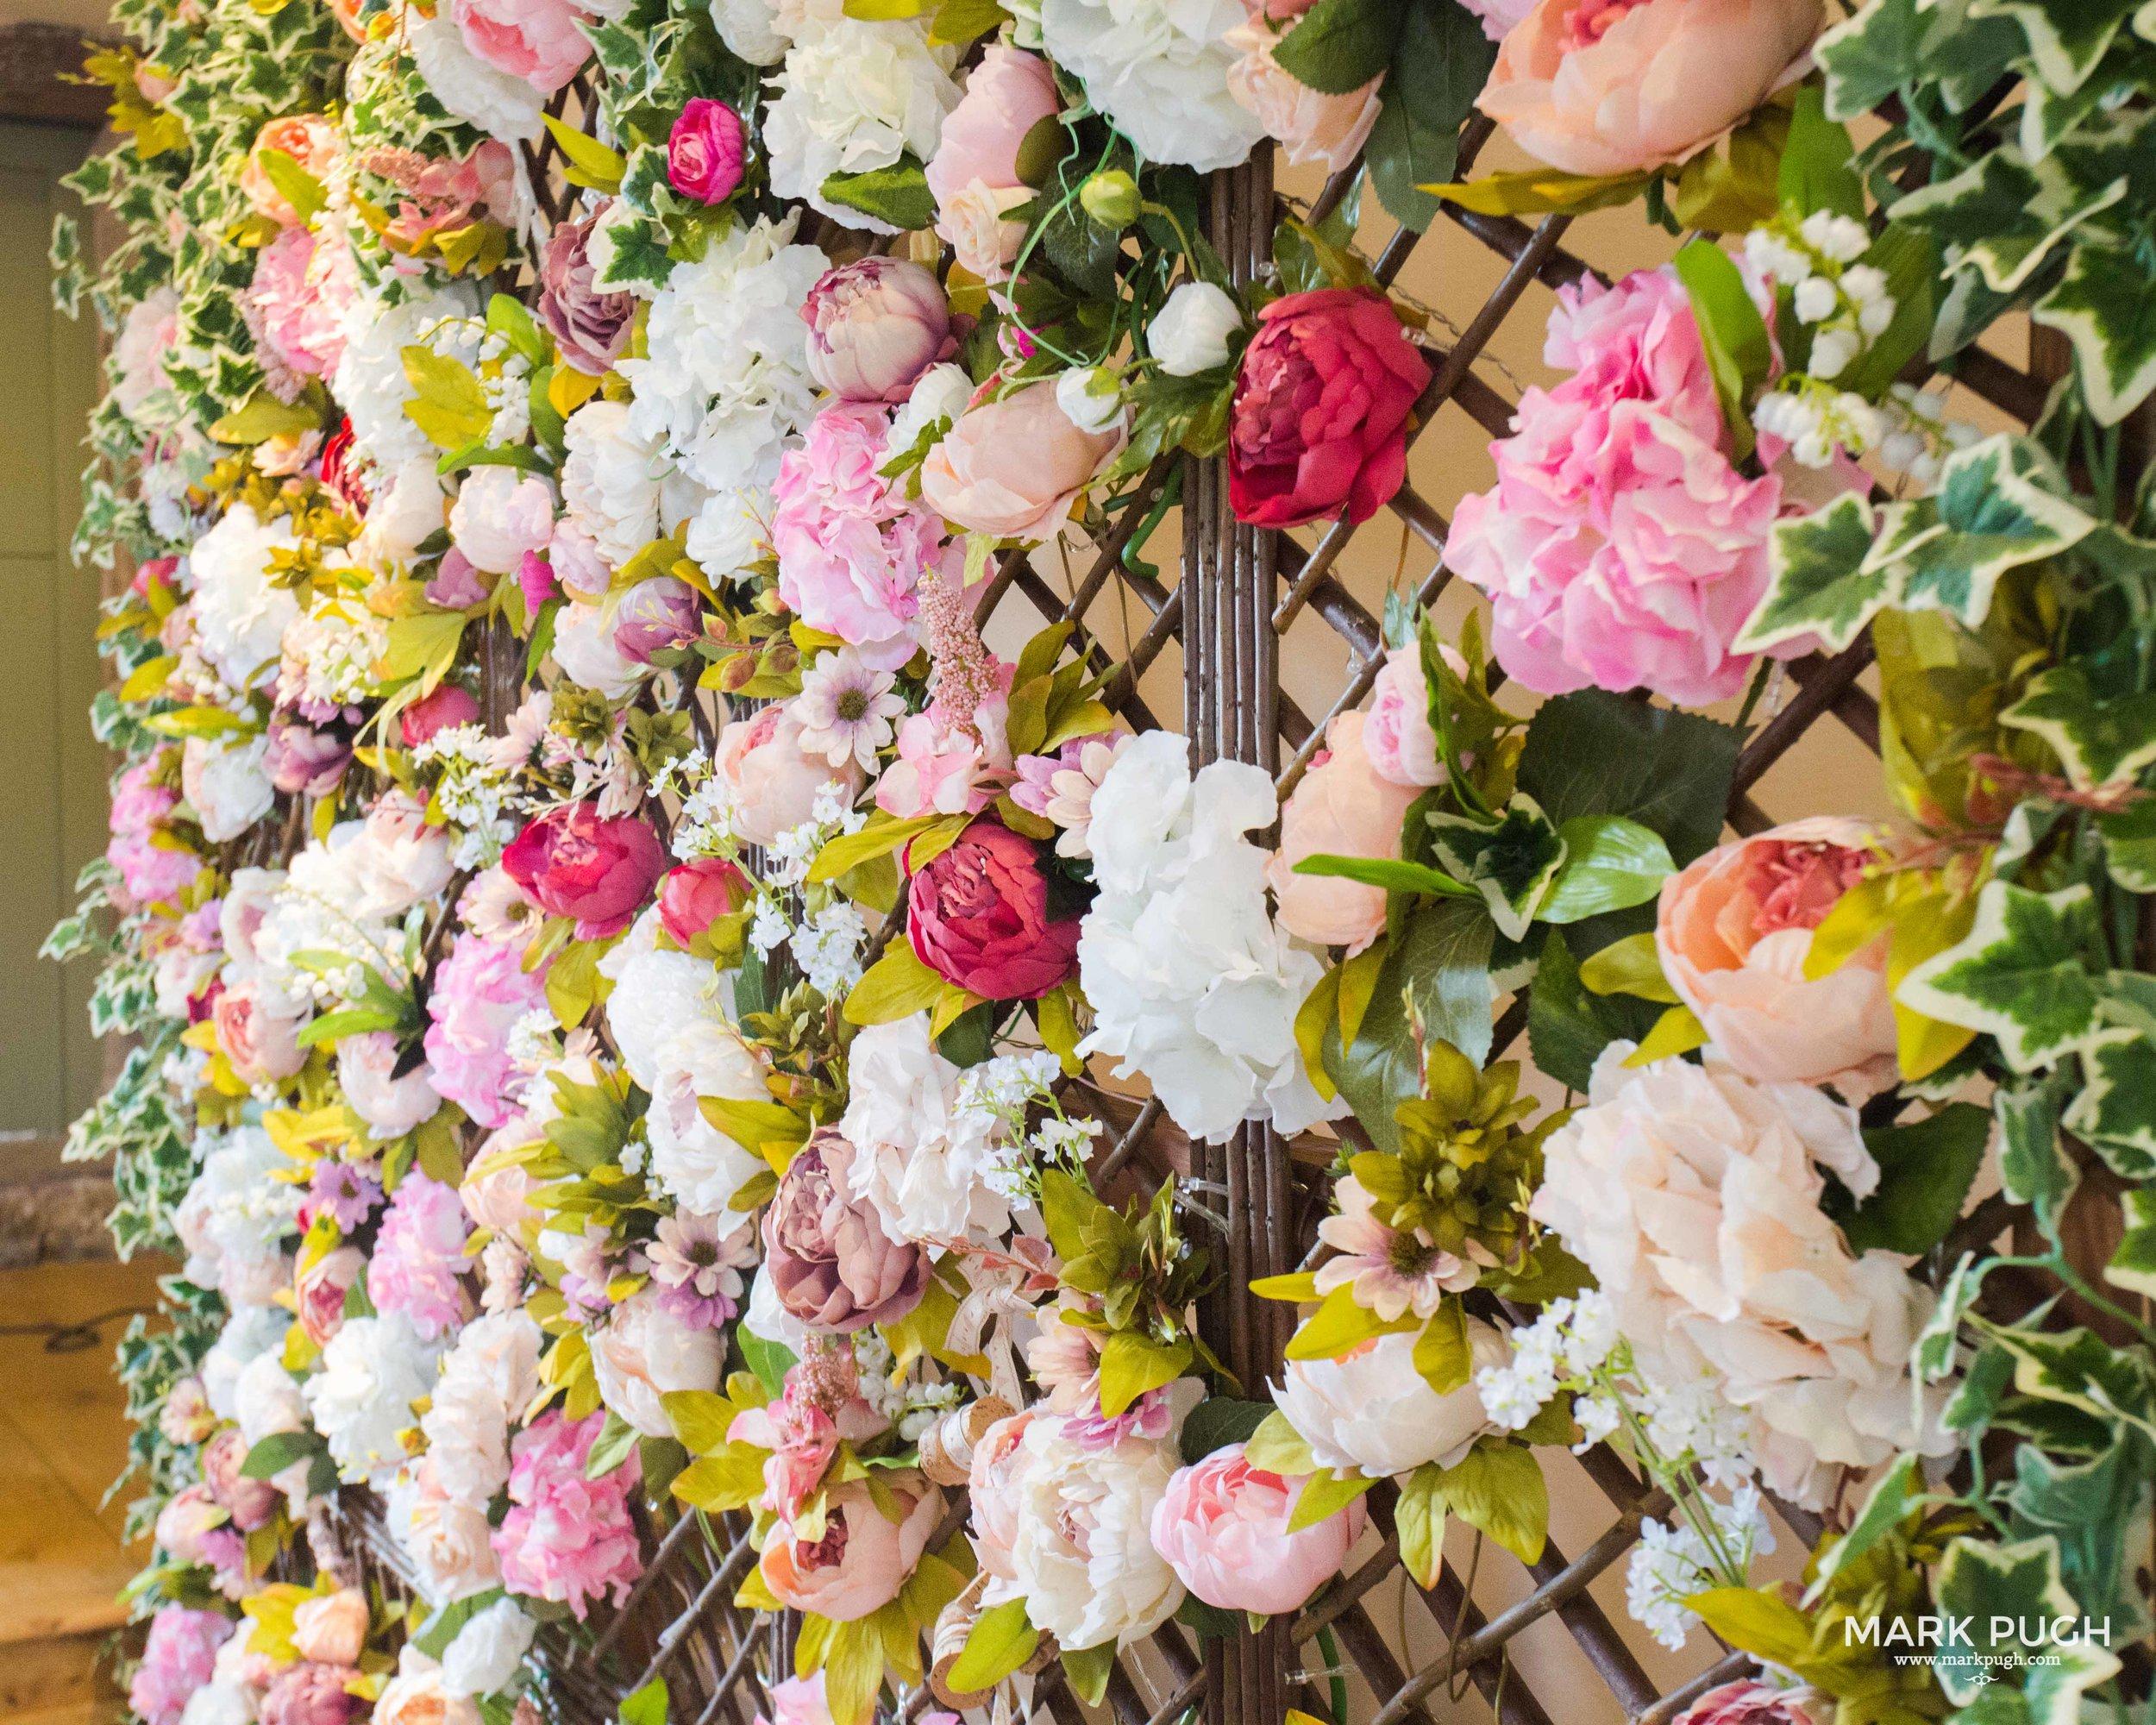 169 - fineART photography by www.markpugh.com Mark Pugh of www.mpmedia.co.uk_.JPG